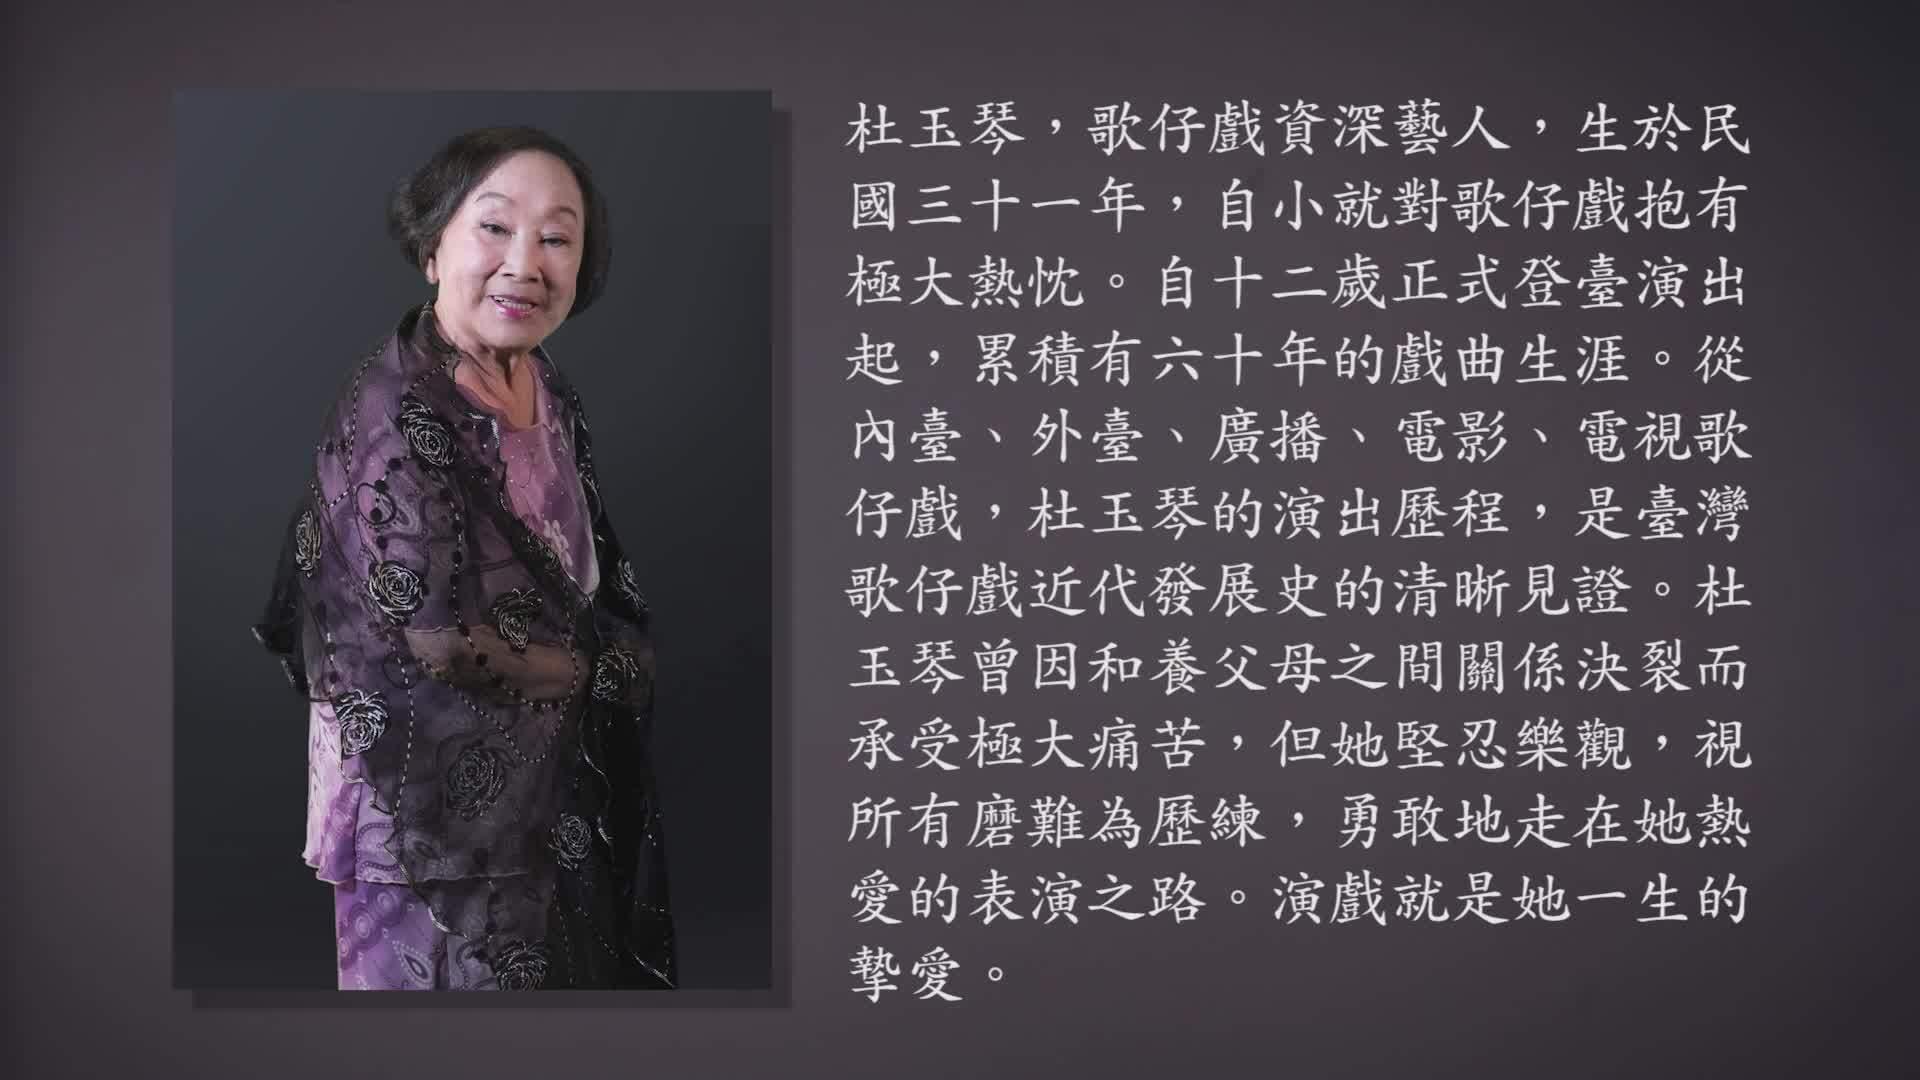 技藝.記憶-傳統藝術藝人口述歷史影像紀錄計畫-杜玉琴精華片段